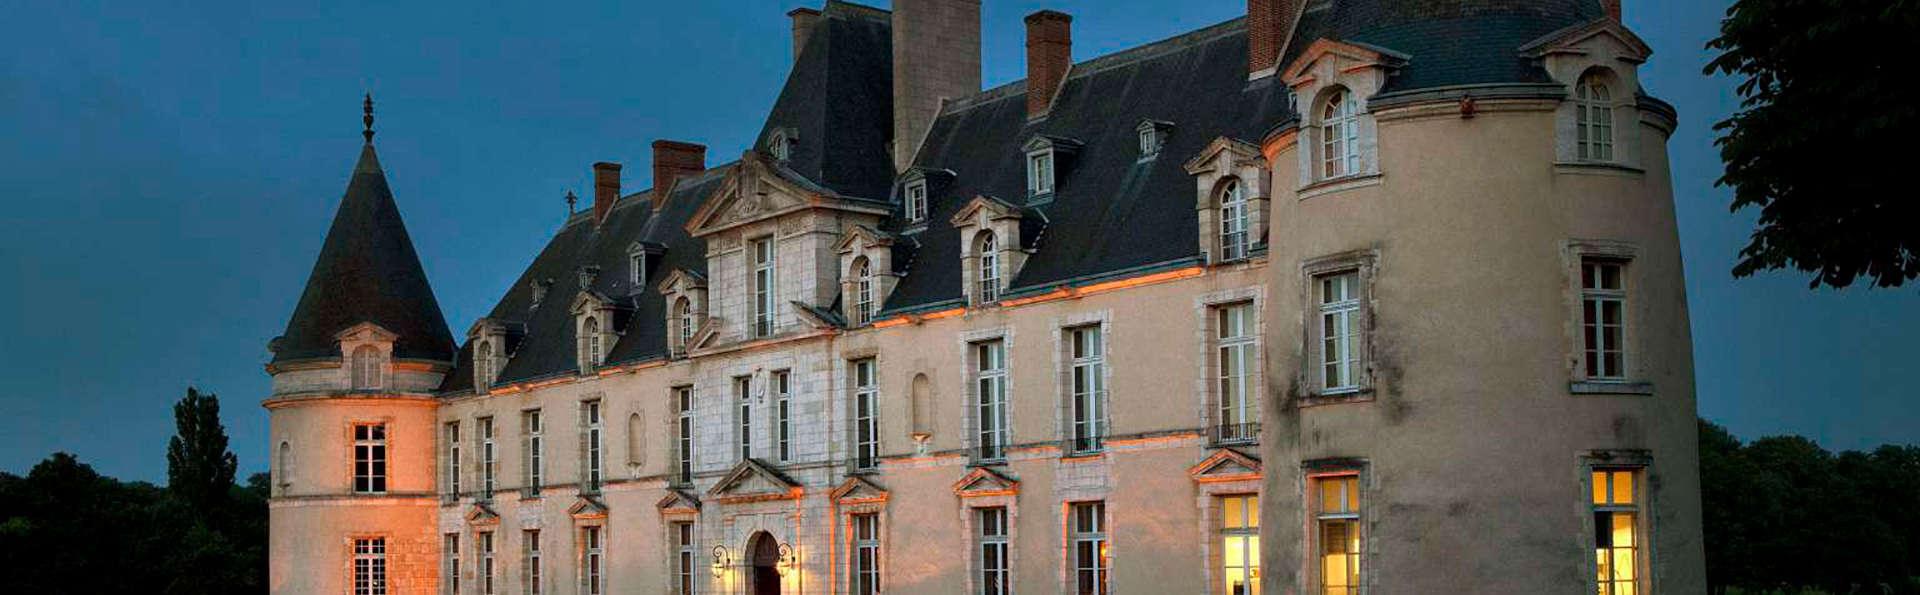 Vie de château en chambre deluxe à une heure de Paris